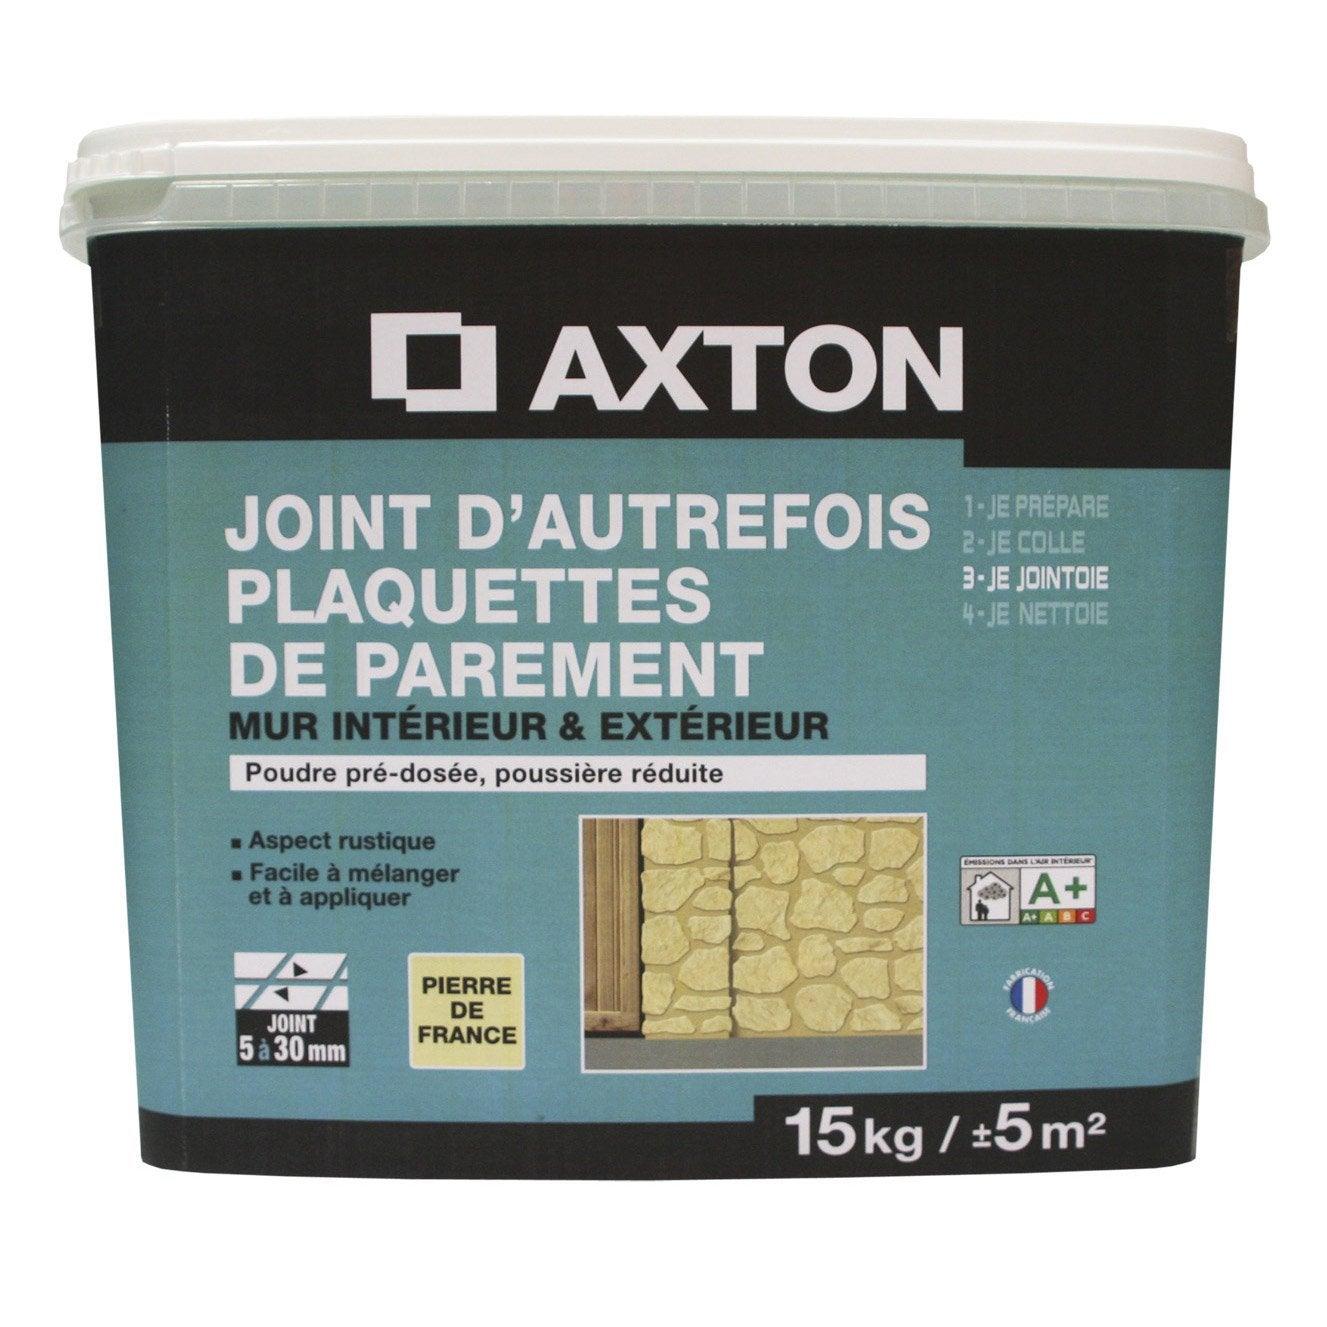 joint poudre plaquette de parement axton gris 15 kg leroy merlin. Black Bedroom Furniture Sets. Home Design Ideas